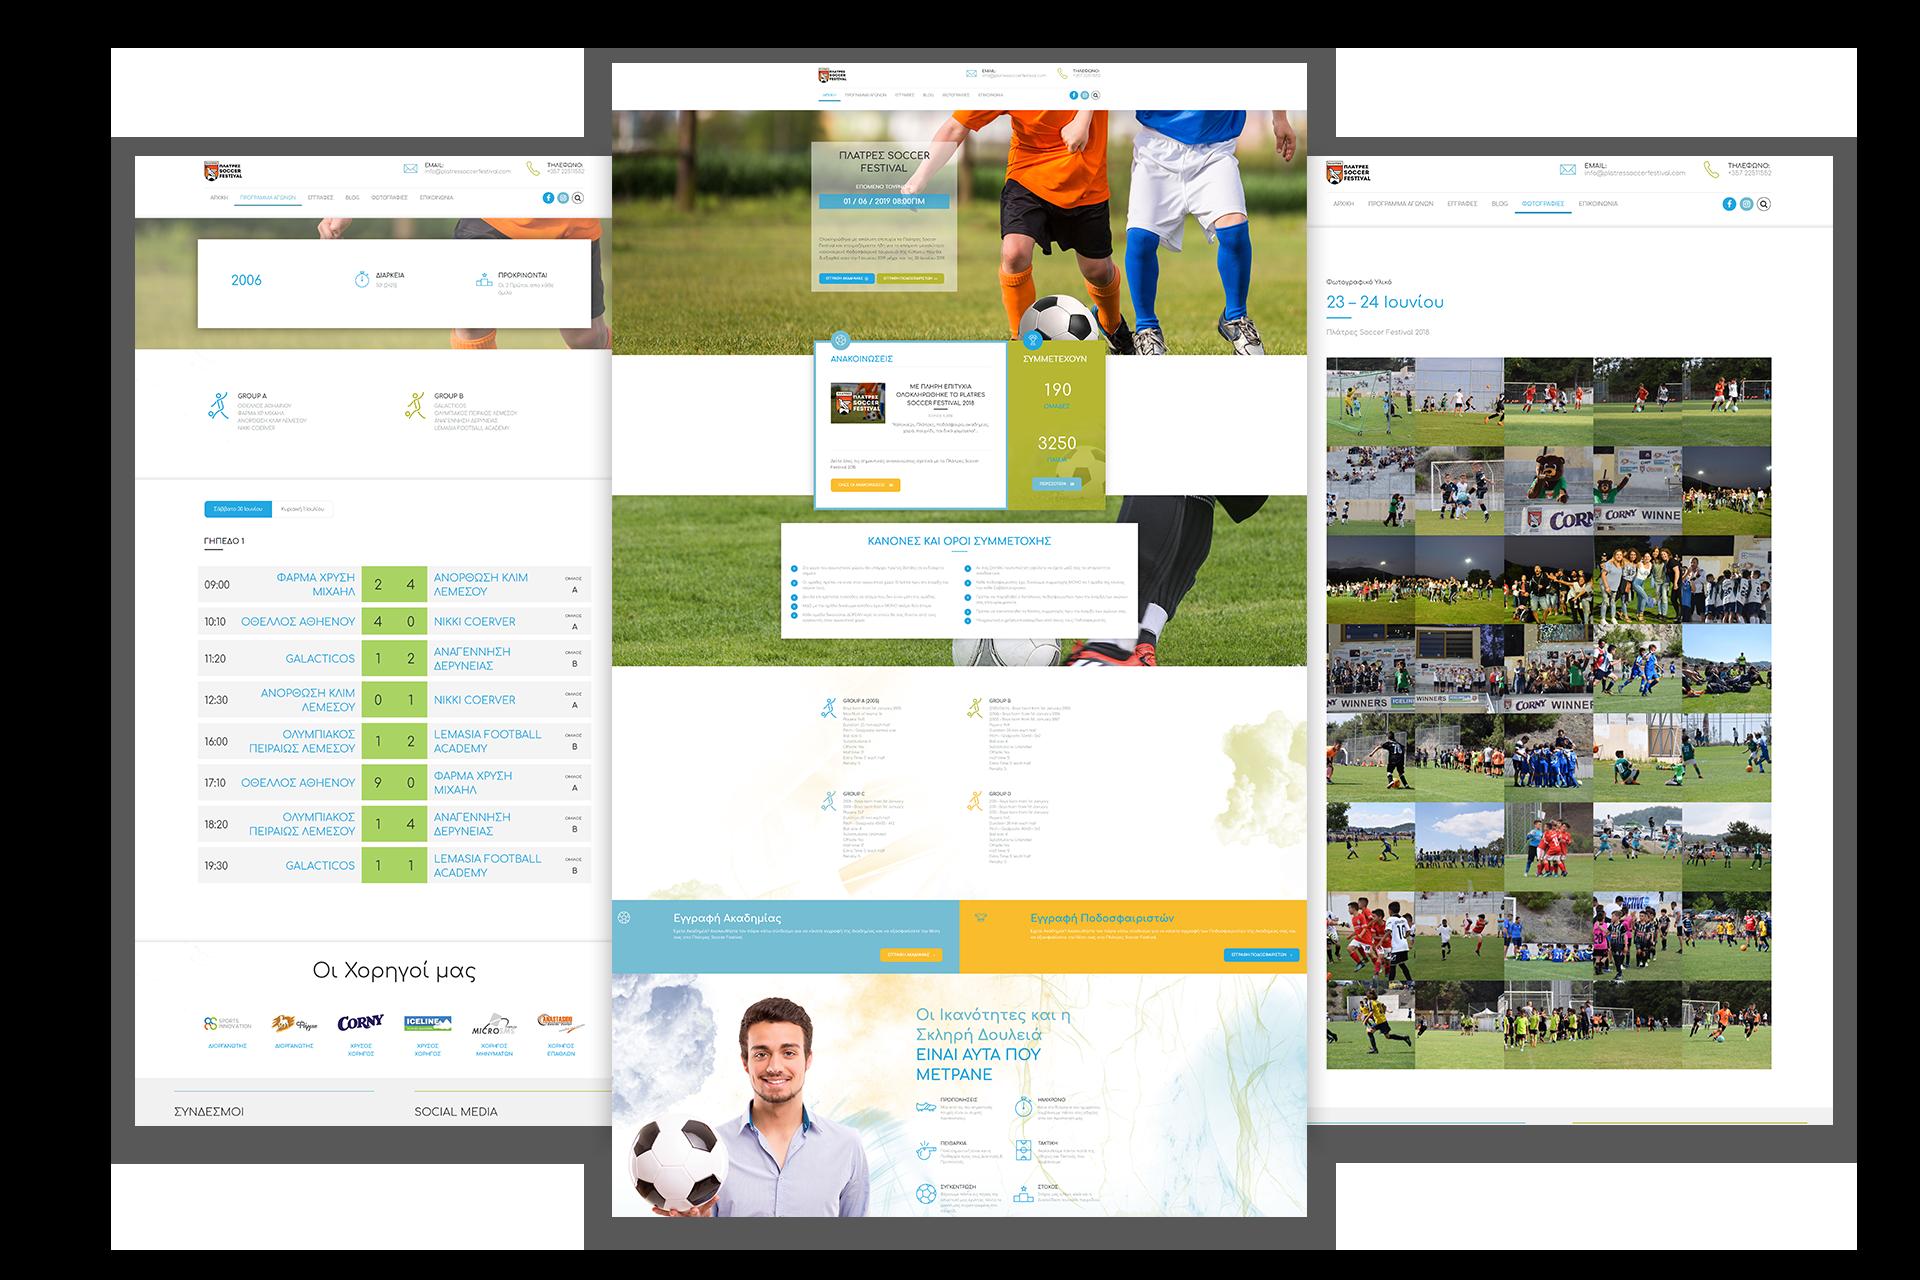 Platres Soccer Festival Website Screens